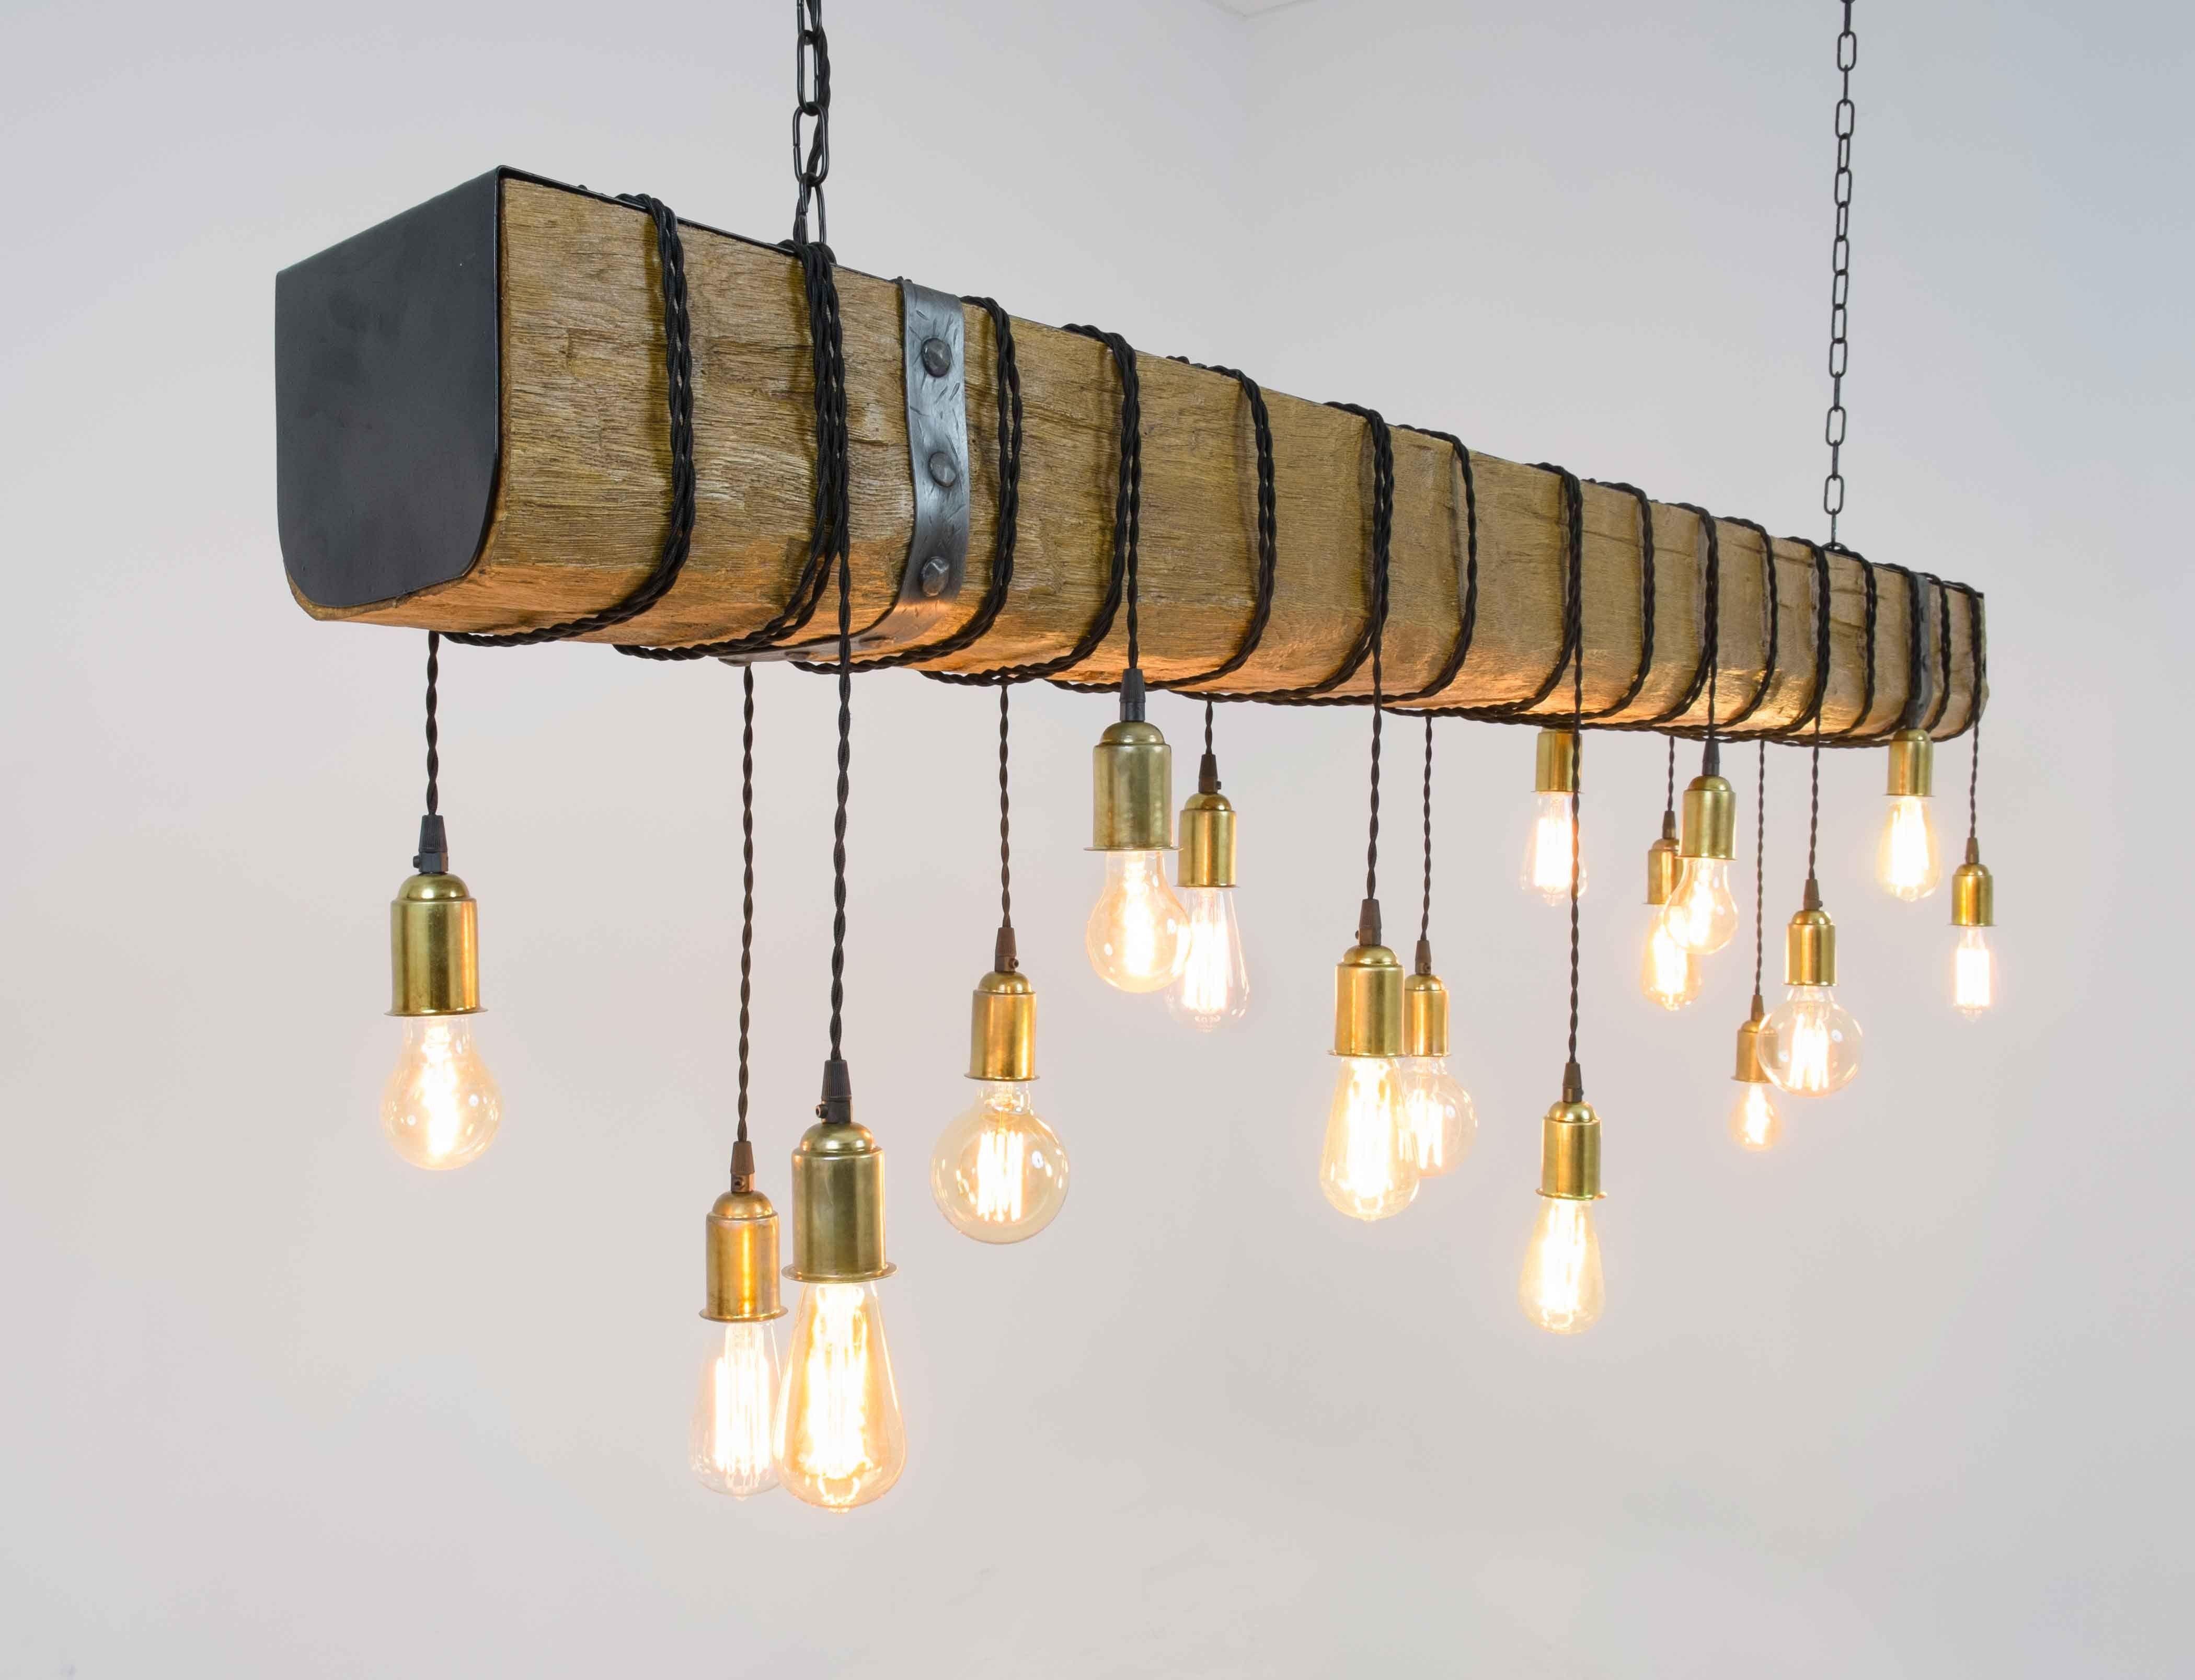 Lampara viga madera sint tica 2m l mparas colgantes - Llaves de luz rusticas ...